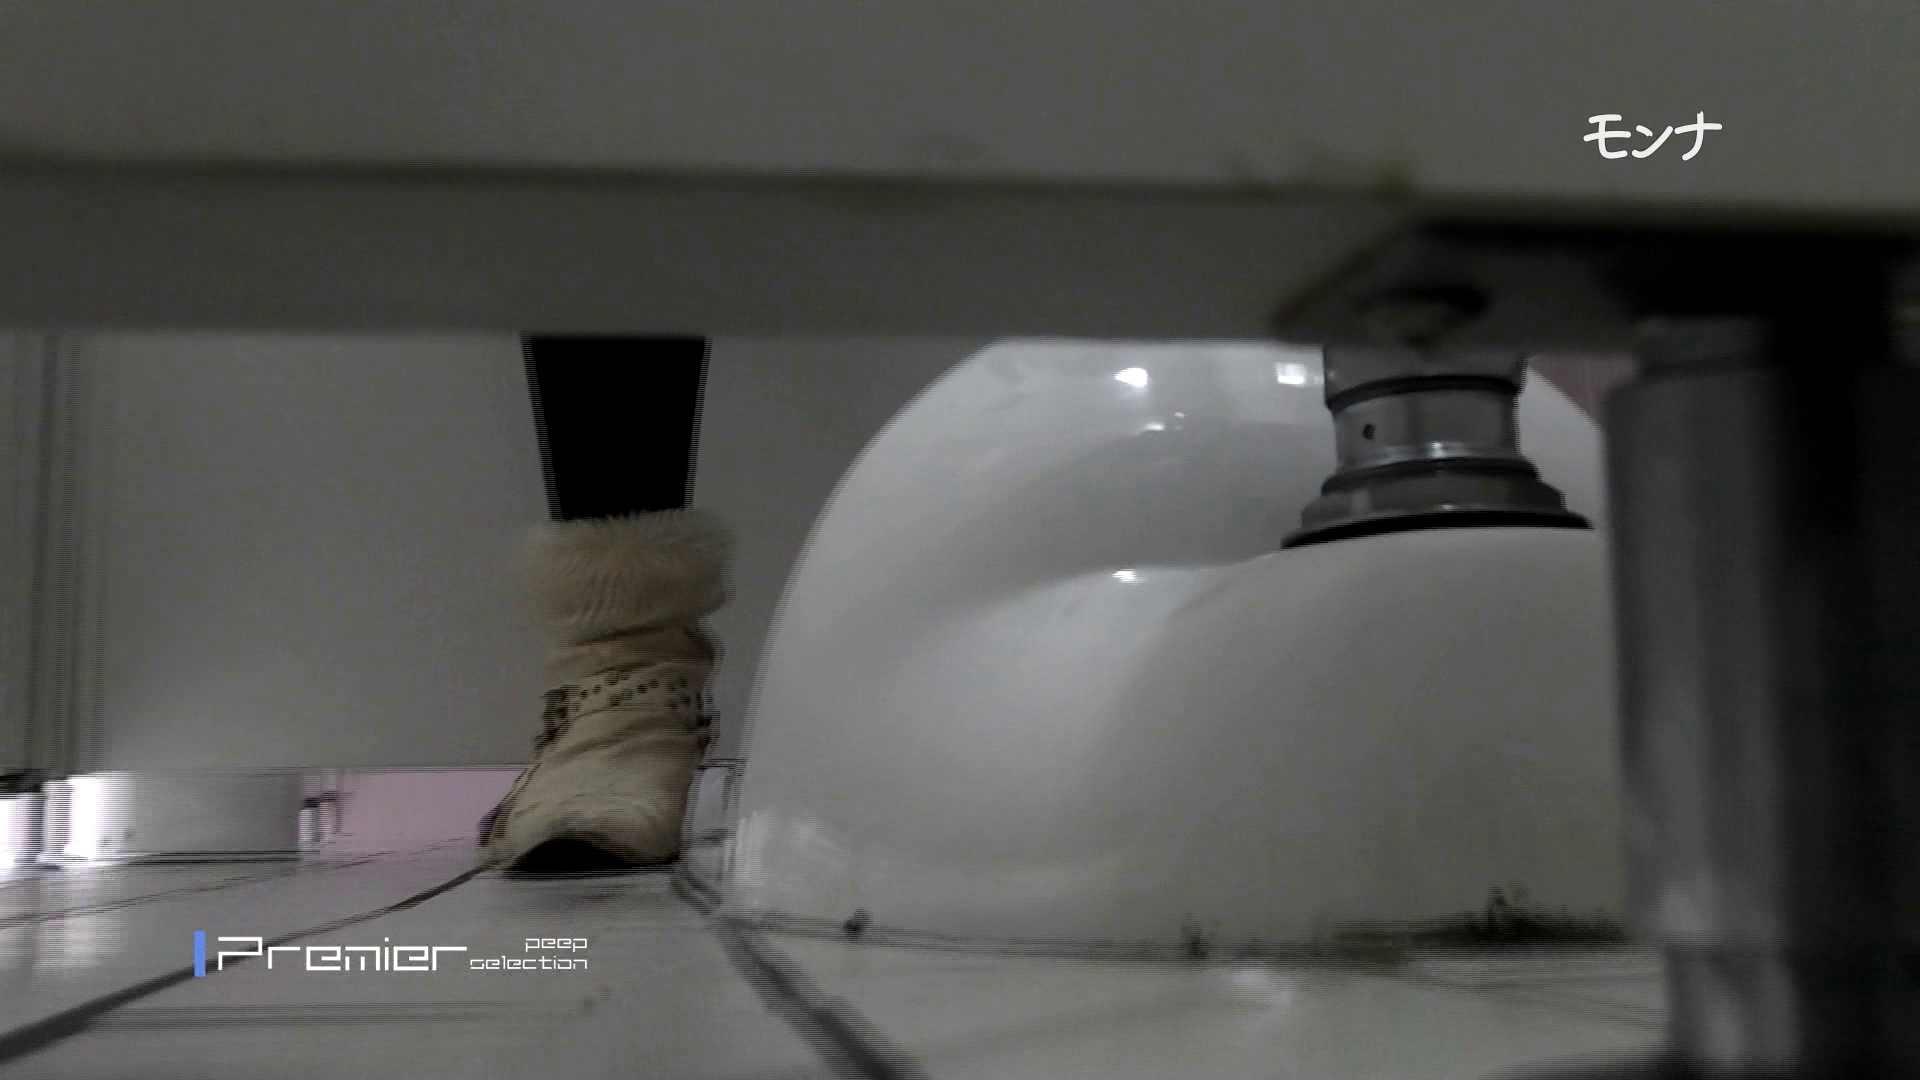 新学期!!下半身中心に攻めてます美小女可愛い女の悪戯盗撮トイレ 下半身特集  104Pix 61